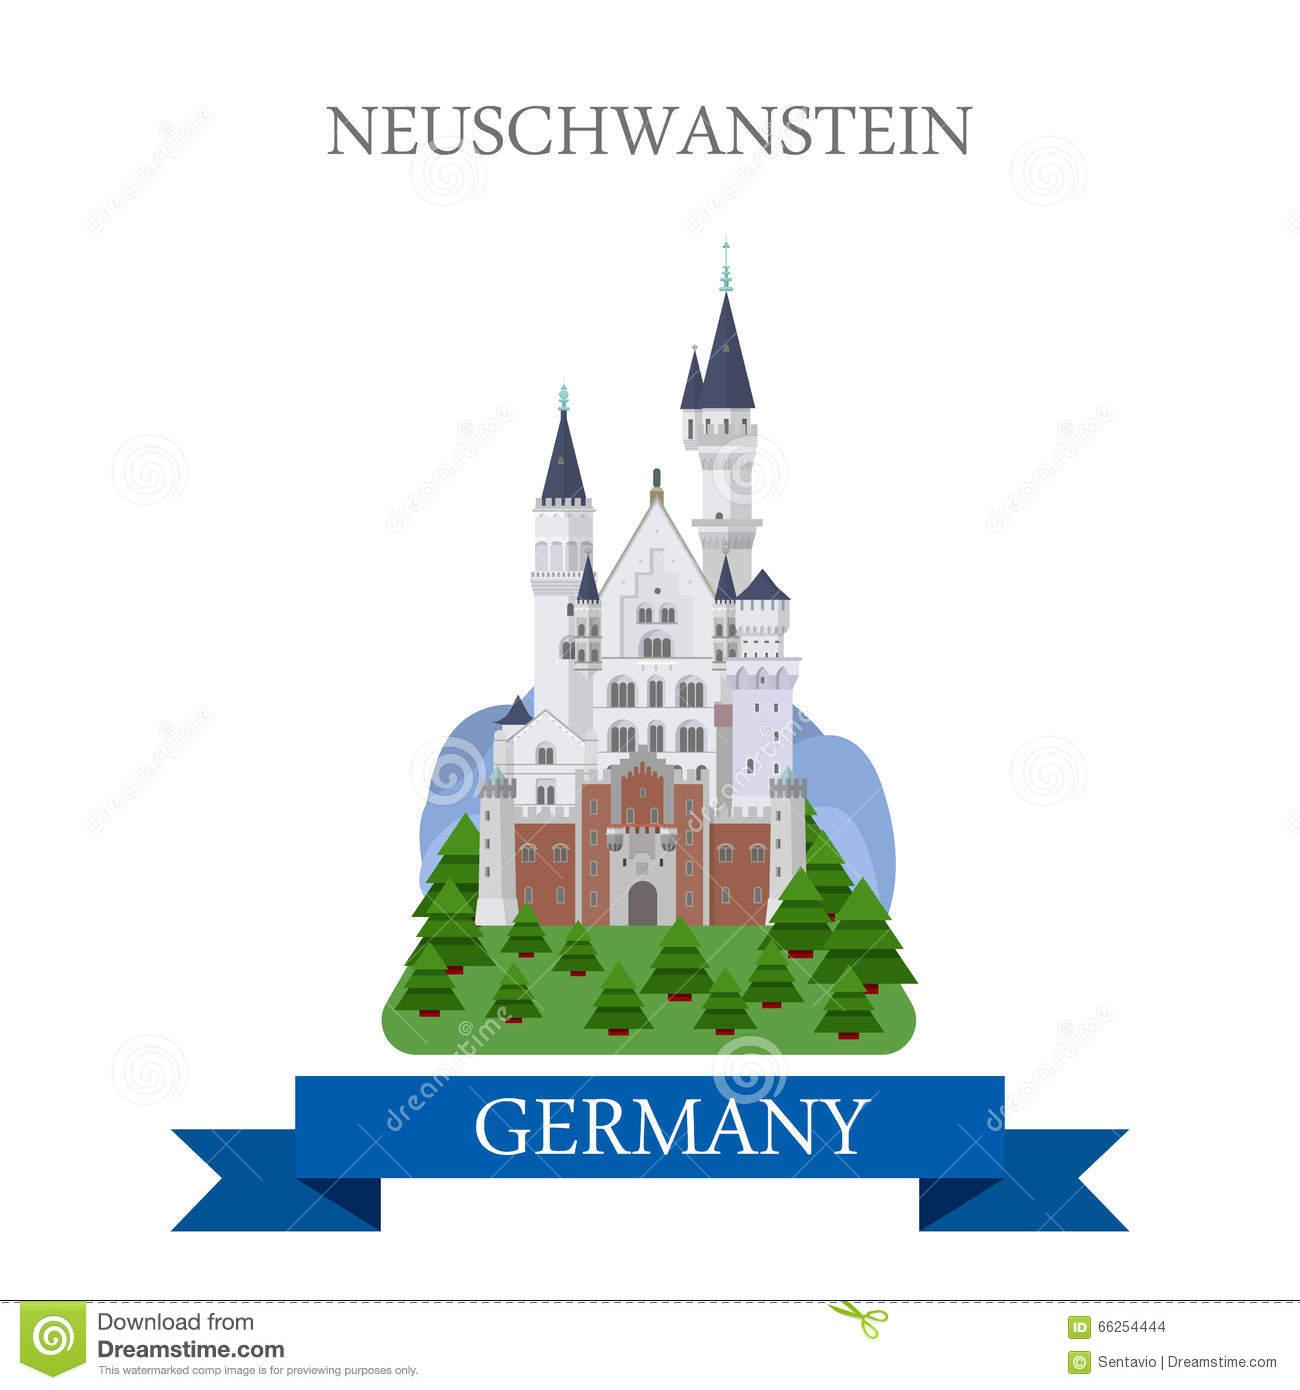 Neuschwanstein castle clipart #11